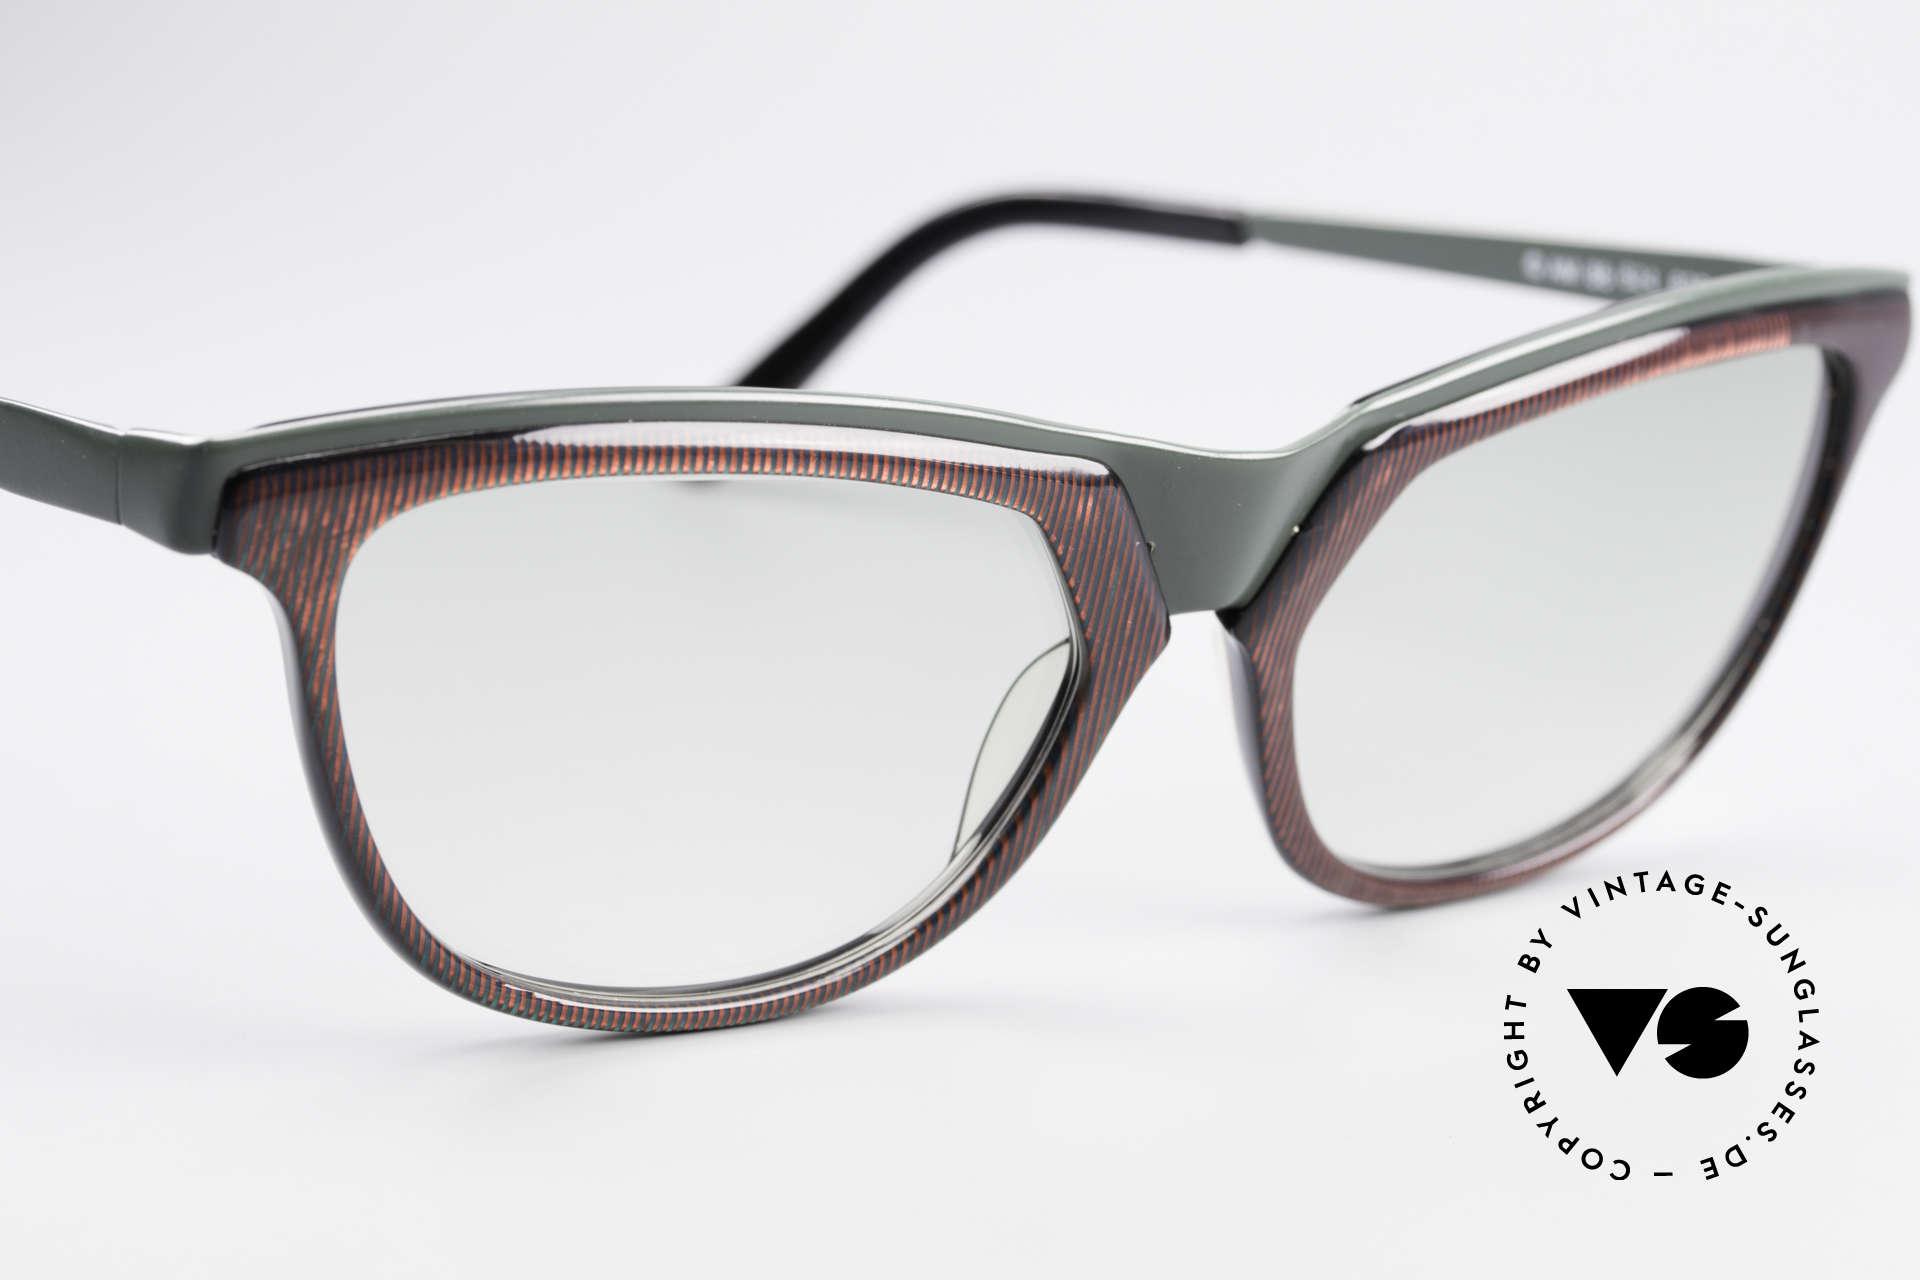 Alain Mikli 624 / 836 Hologramm Effekt Brille, zudem leicht grün-getönte Gläser; originell schön, Passend für Damen